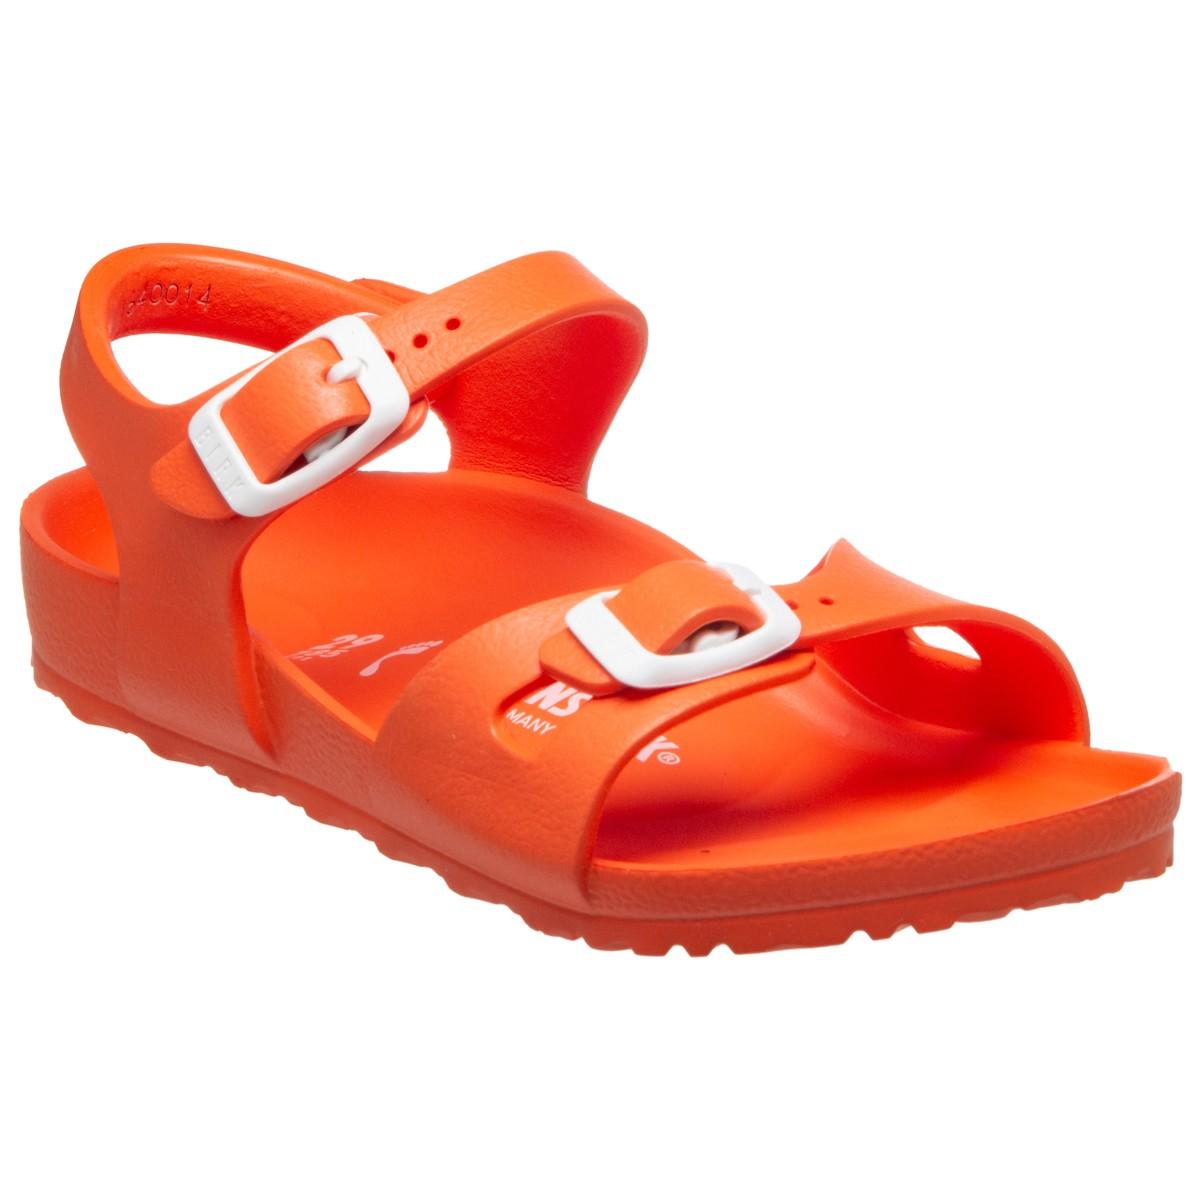 59af5bd98 ᐈ Ортопедическая Обувь — купить в интернет-магазине Орто-Лайн